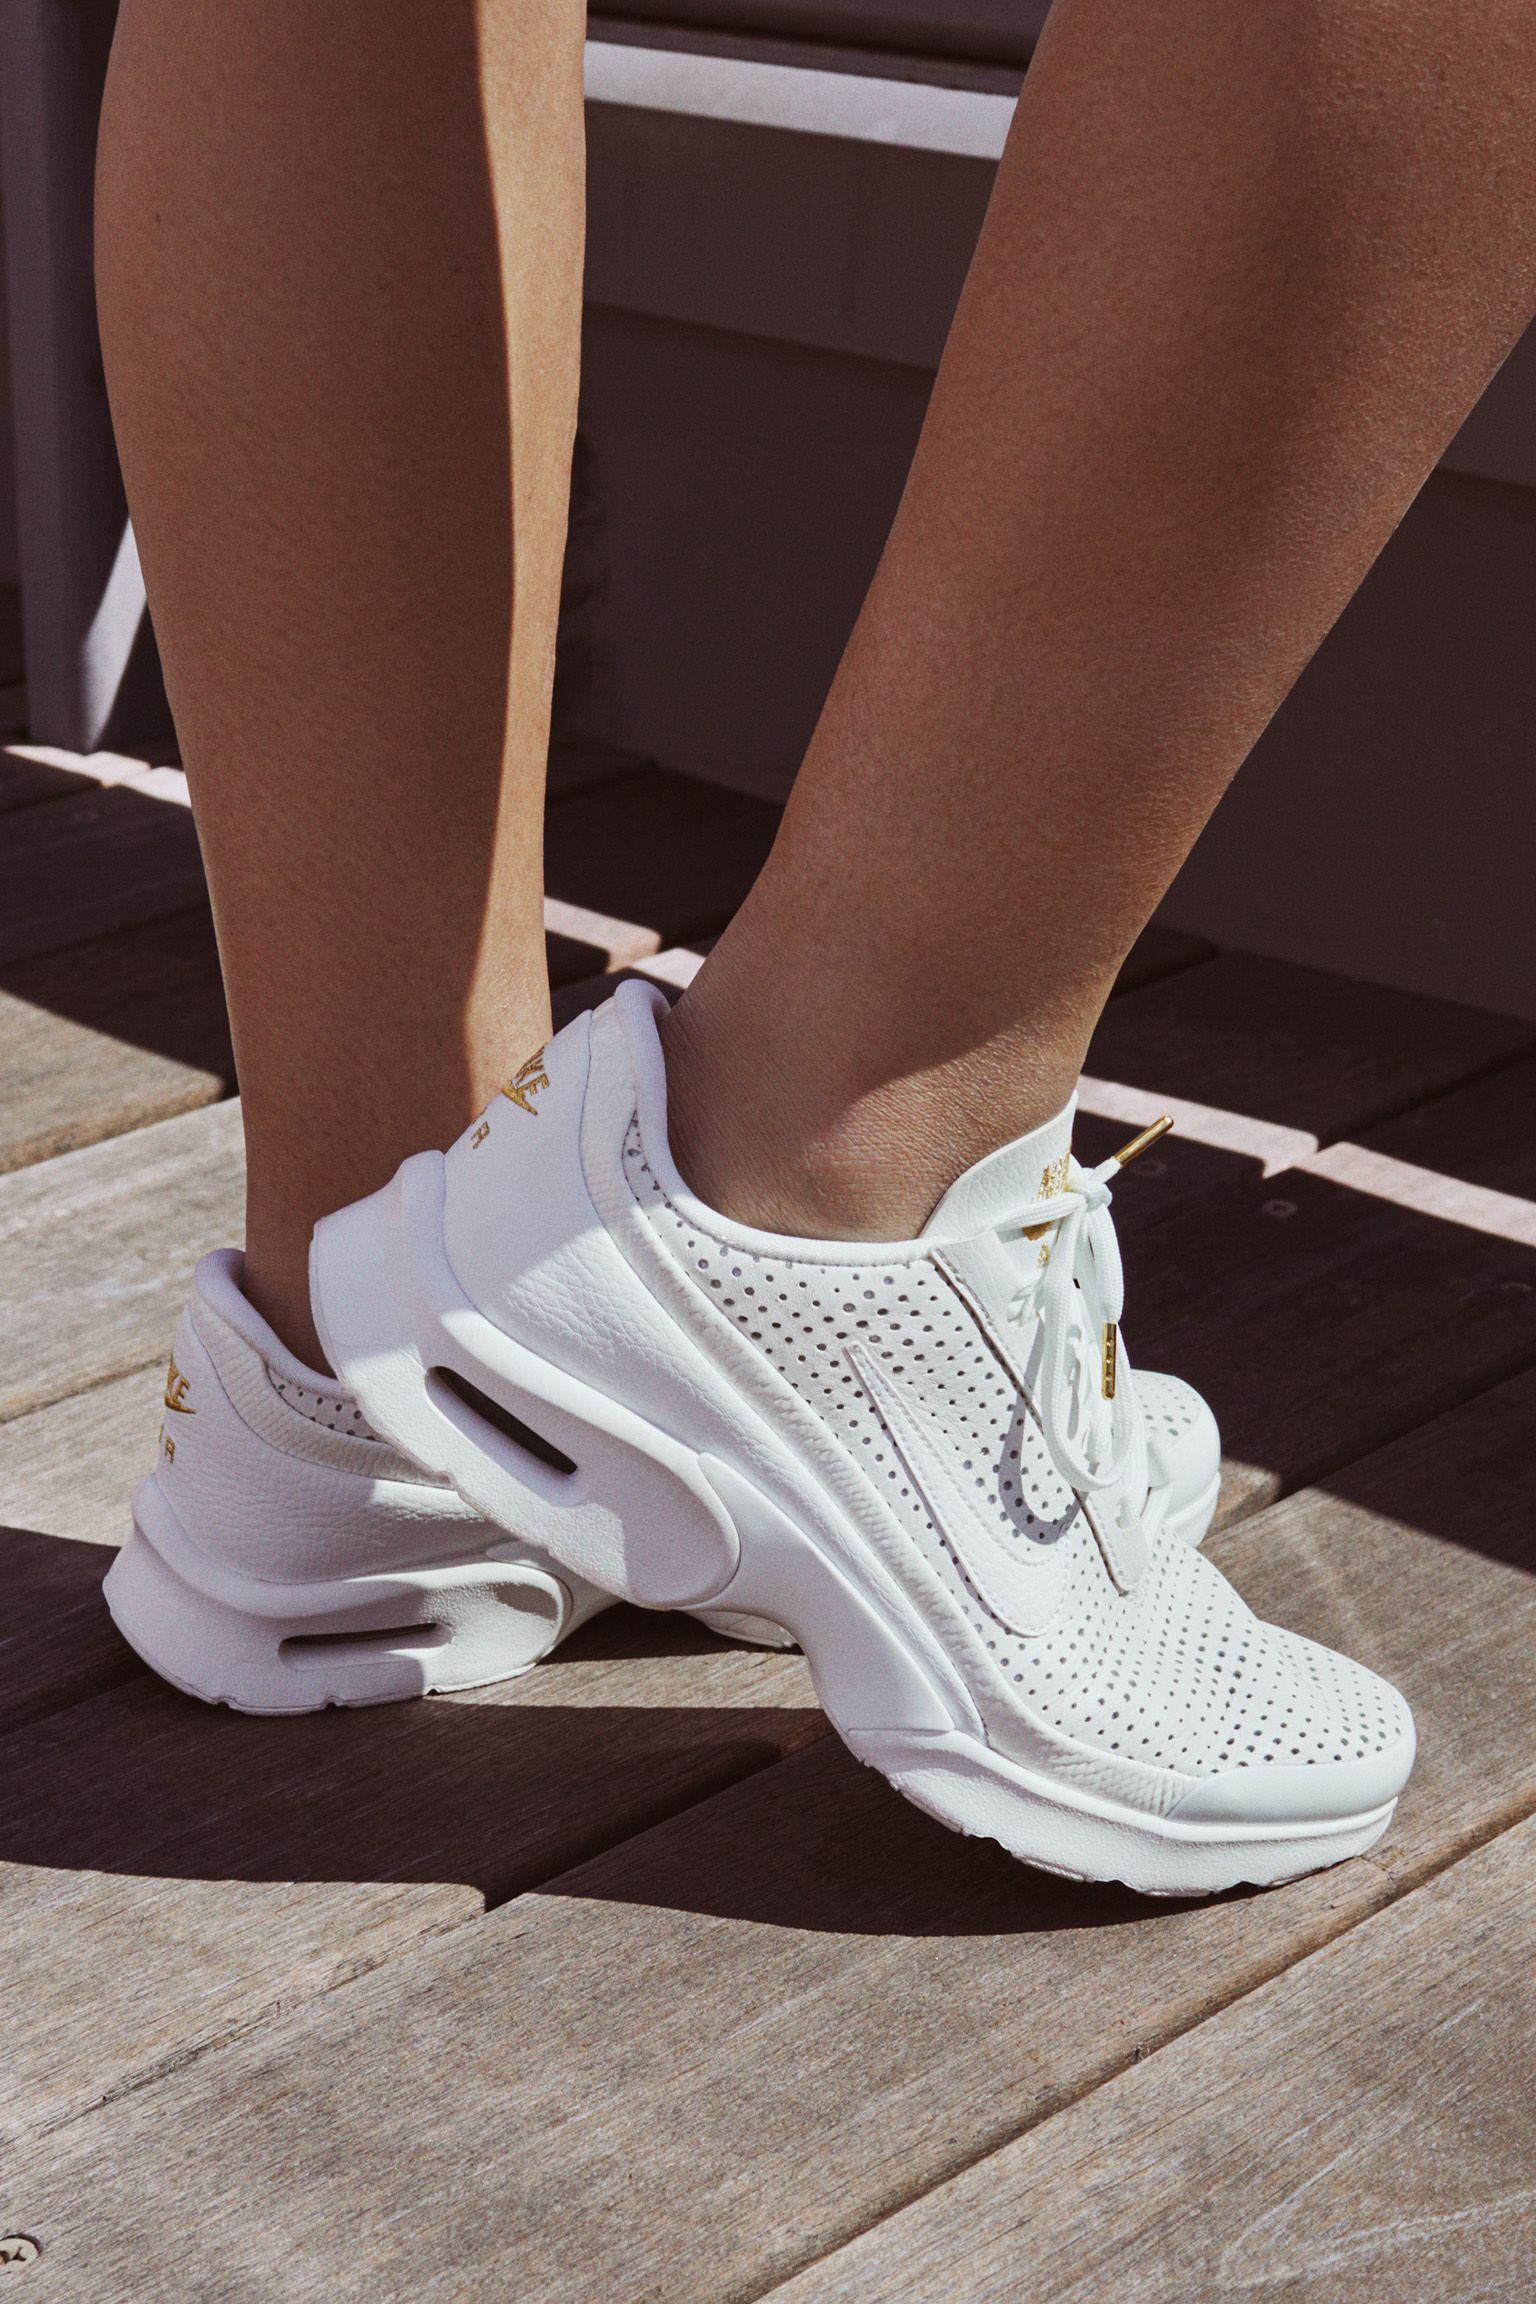 Billig Nike Air Max Jewell På Nett Svart Hvite Rosa